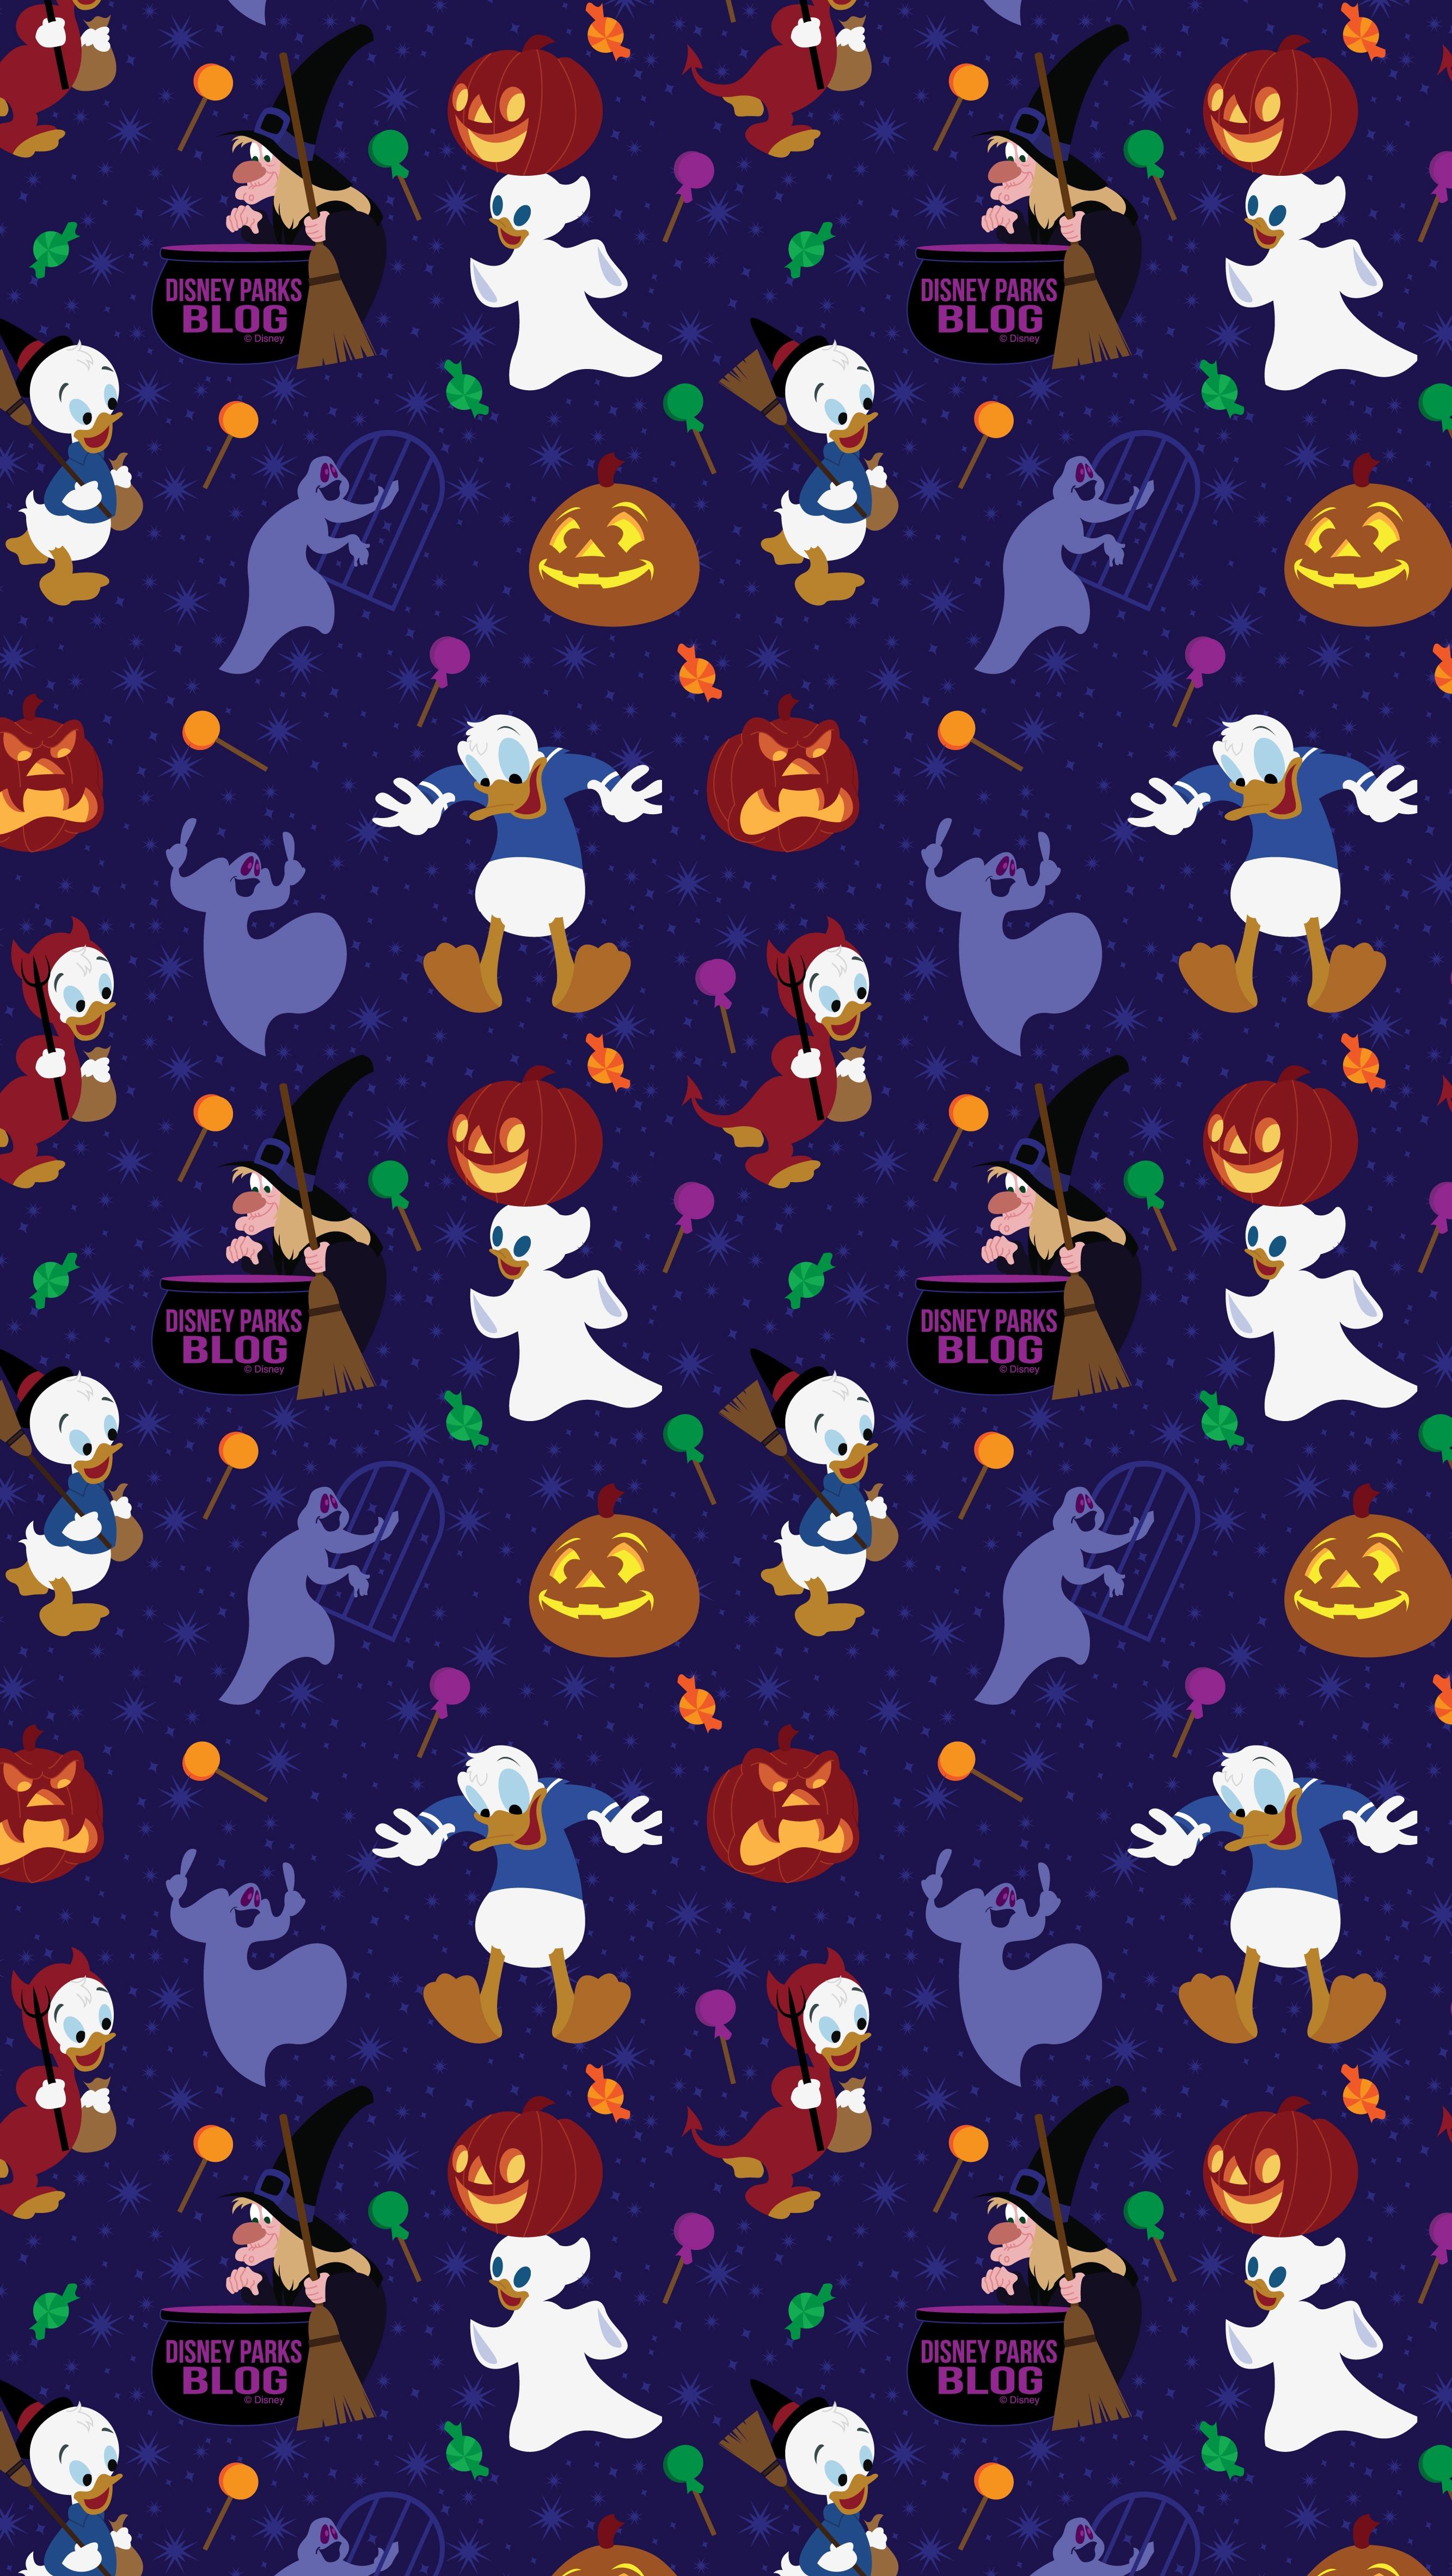 2019 Donald Duck Halloween Wallpaper Iphone Android Disney